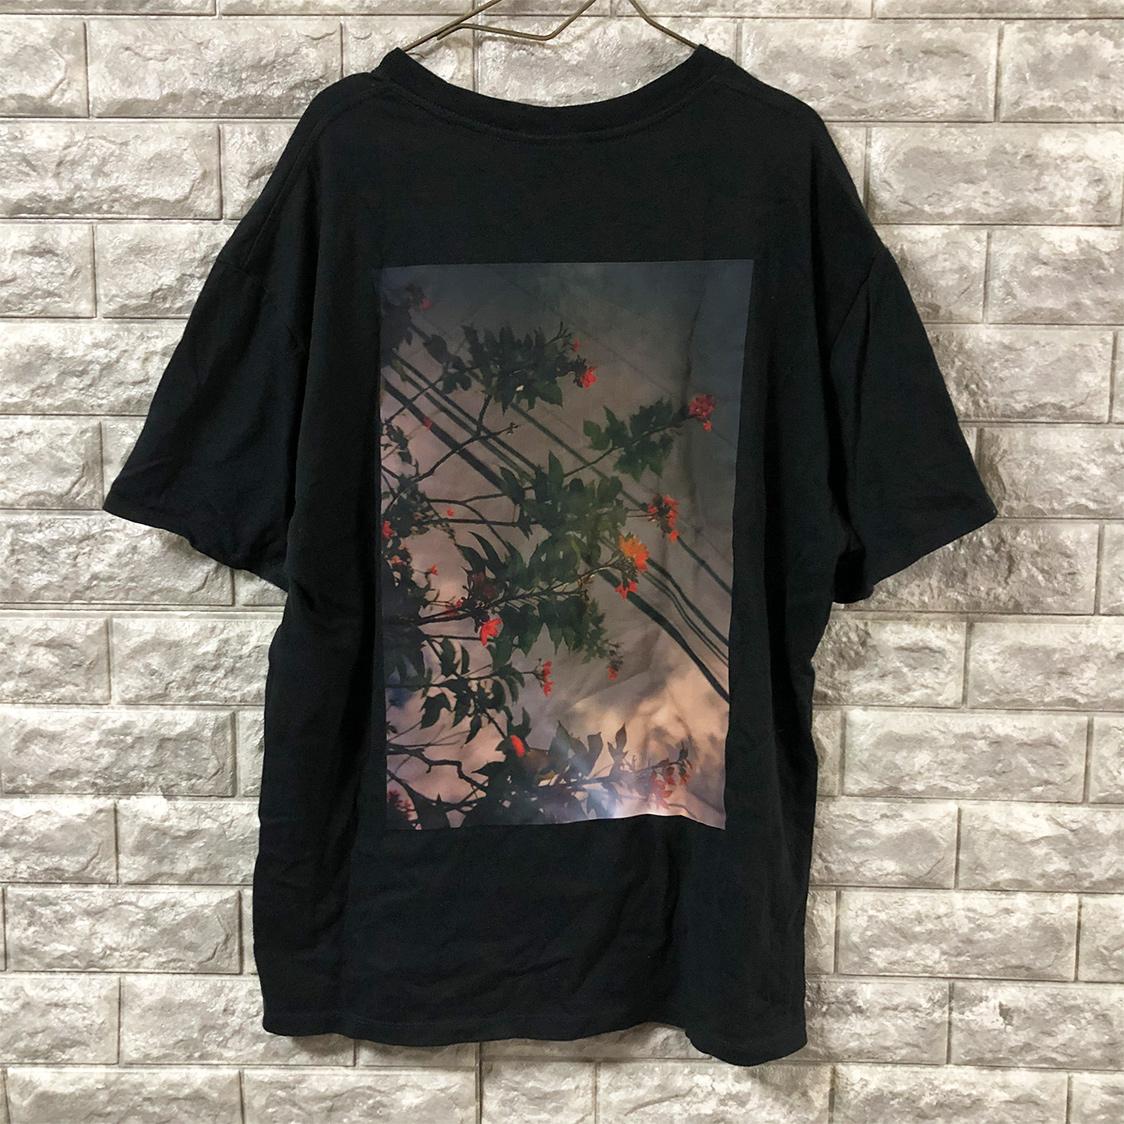 正規品【Mサイズ】FOG ESSENTIALS フォグ エッセンシャルズ Shaniqwa Jarvis Photo Boxy Graphic T-SHIRT バック フォト Tシャツ fear of god PACSUN